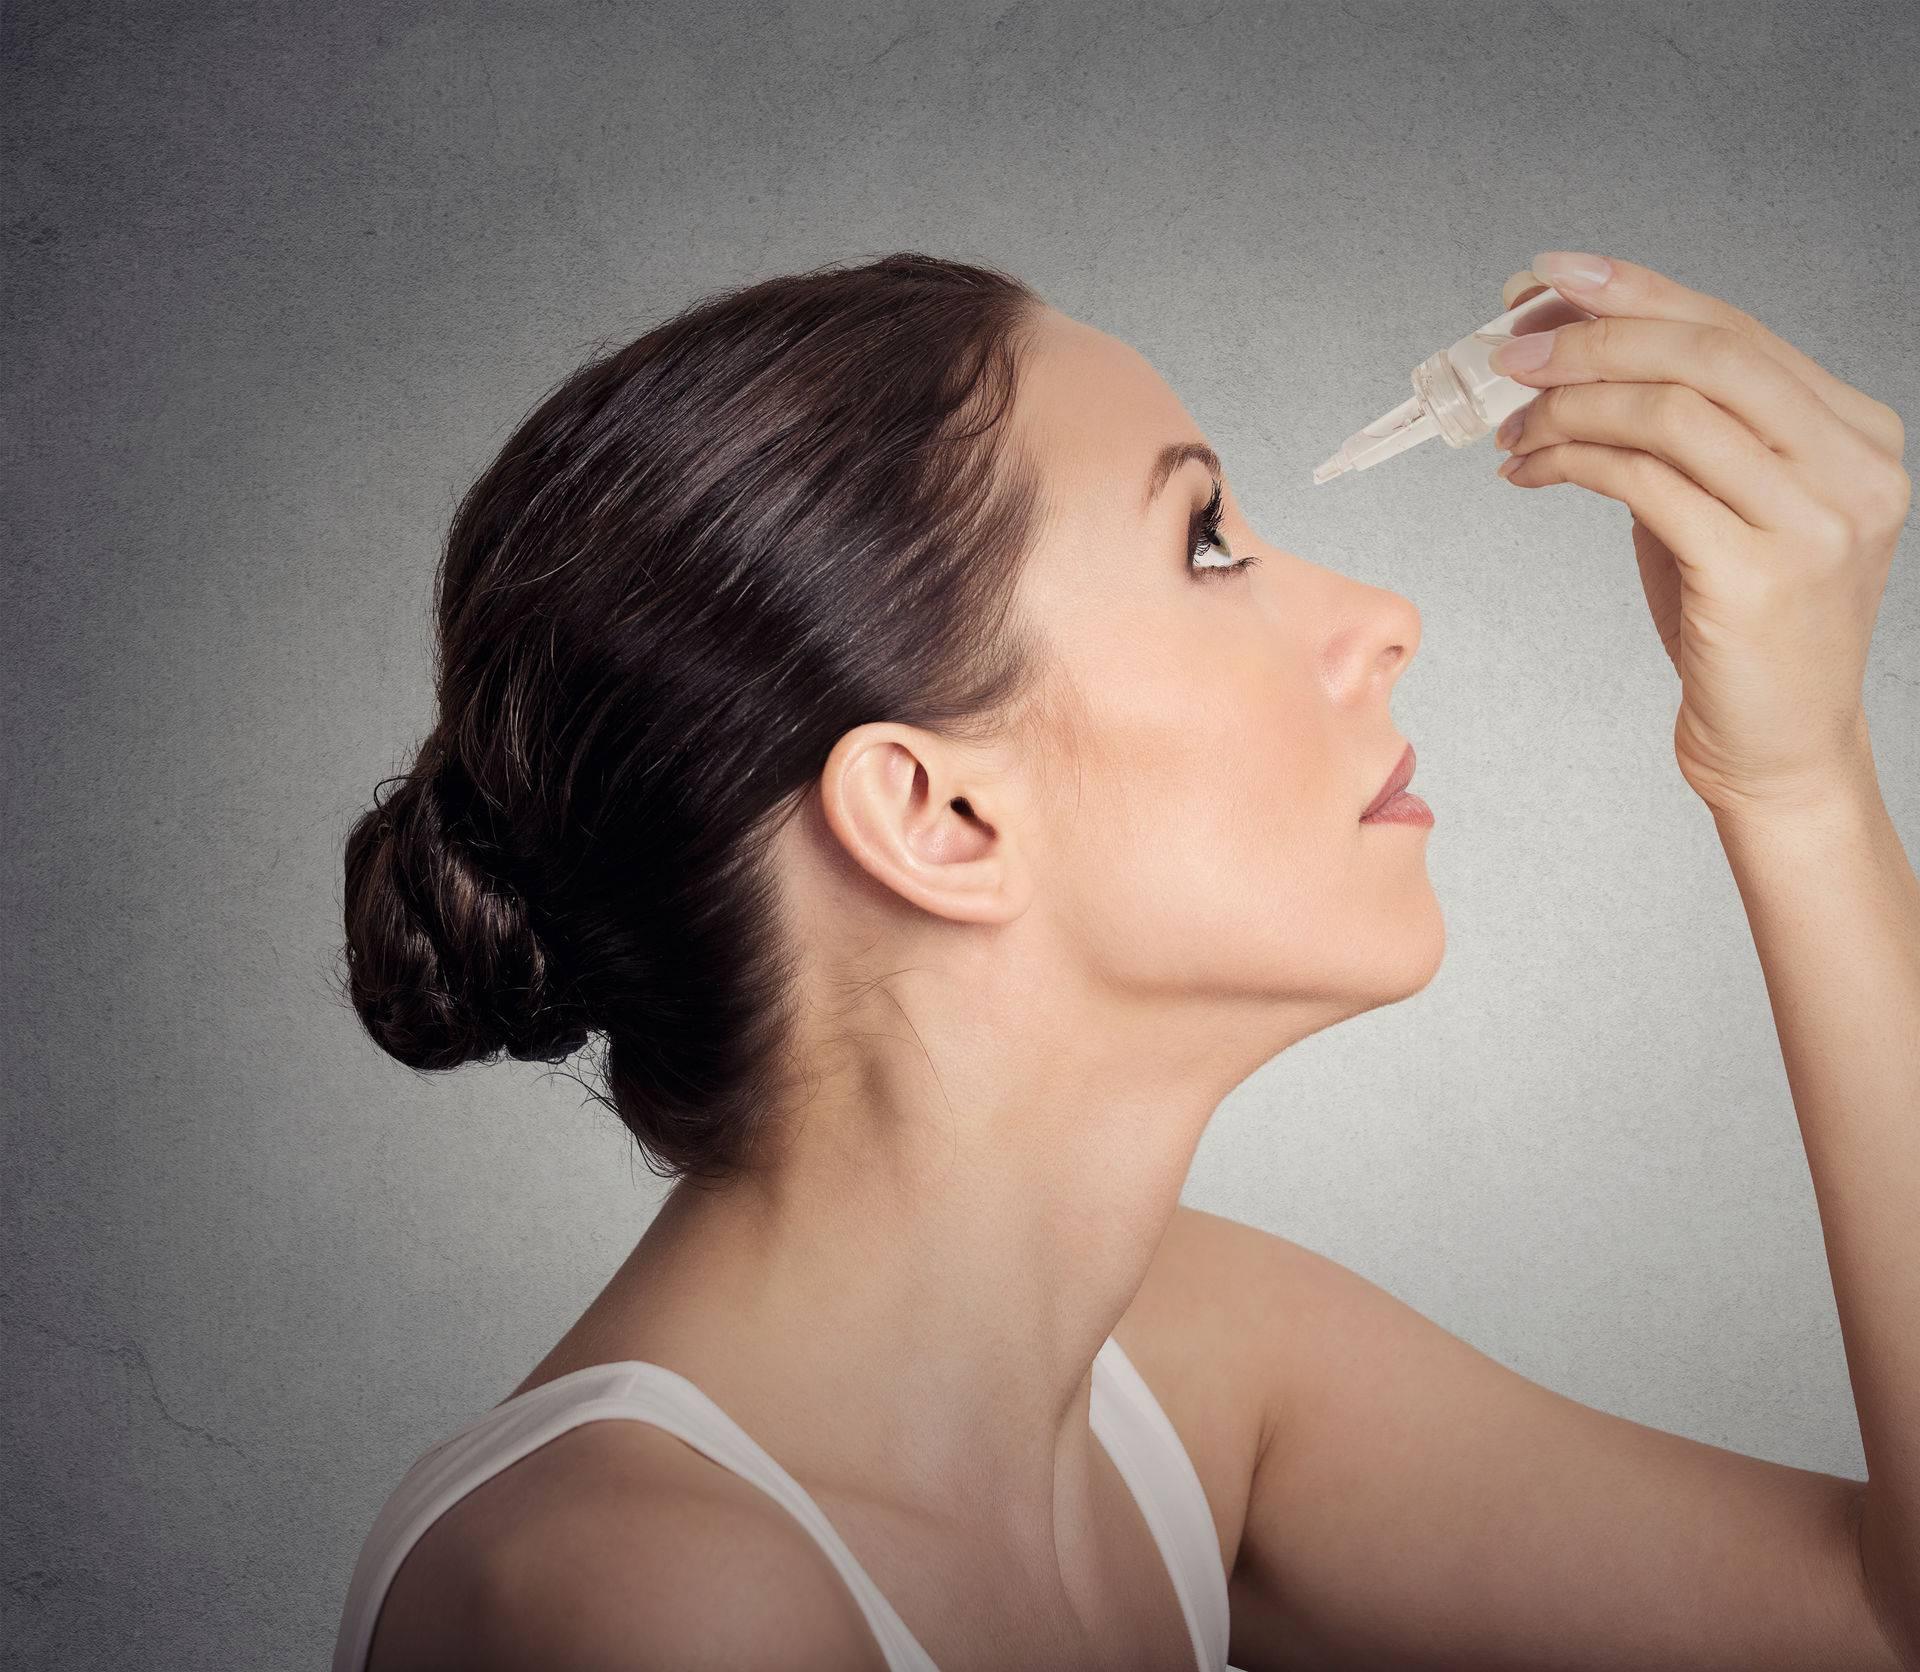 U vrijeme alergija bolje je ne nositi leće, oči umirite kapima